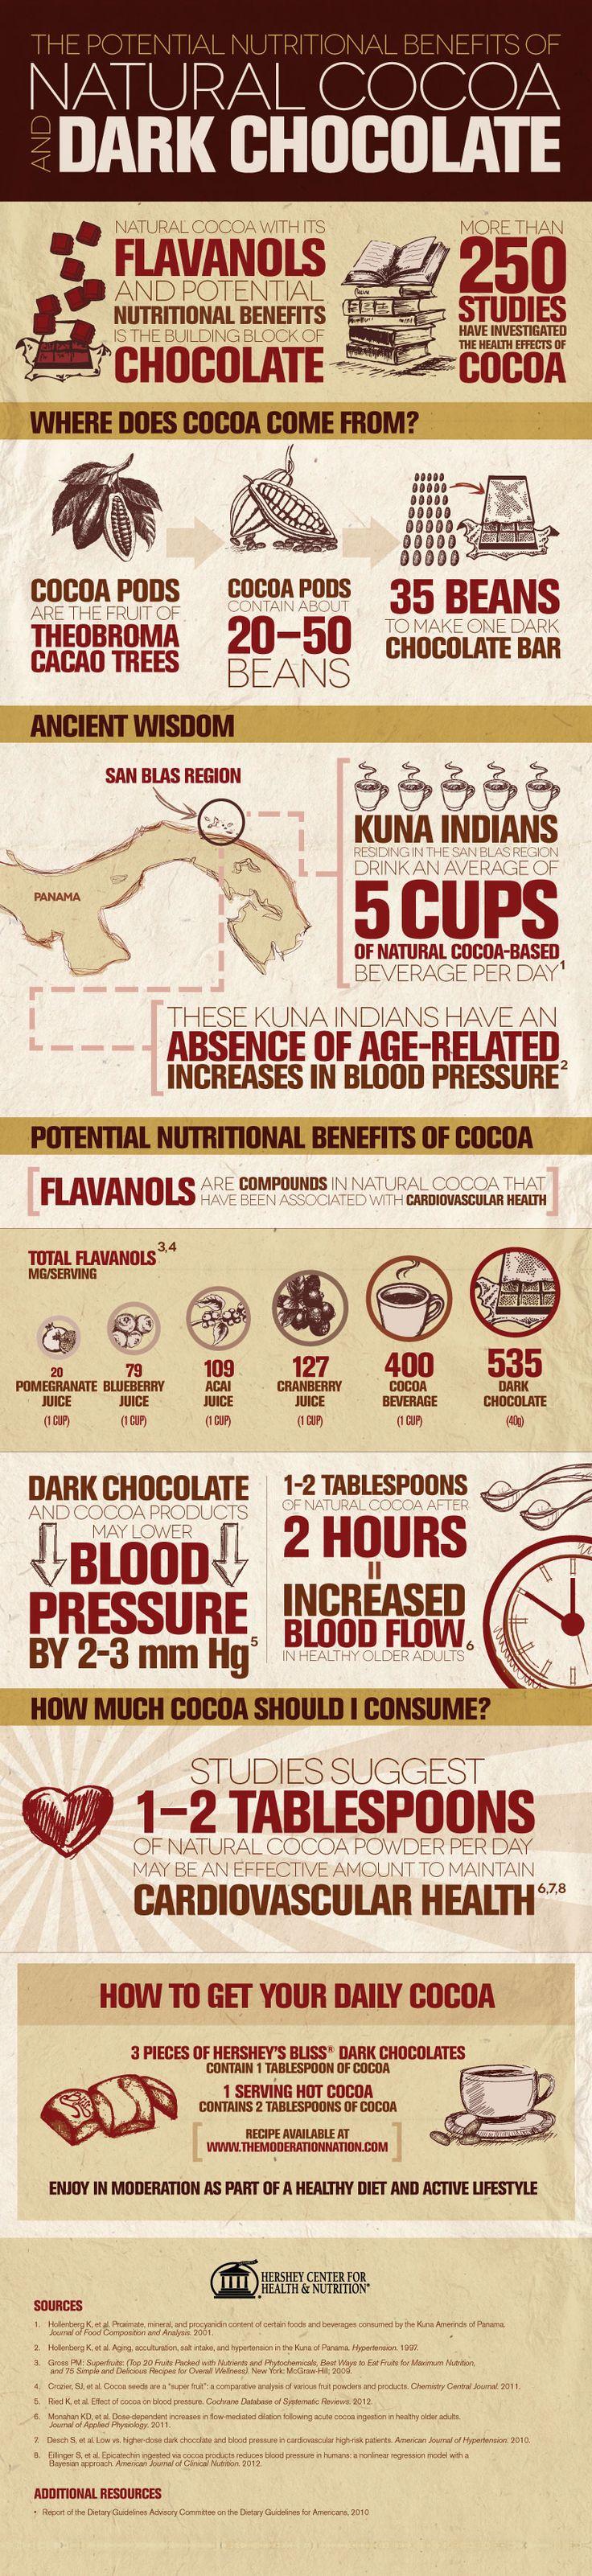 Best 25+ Dark chocolate nutrition ideas on Pinterest | Dark ...